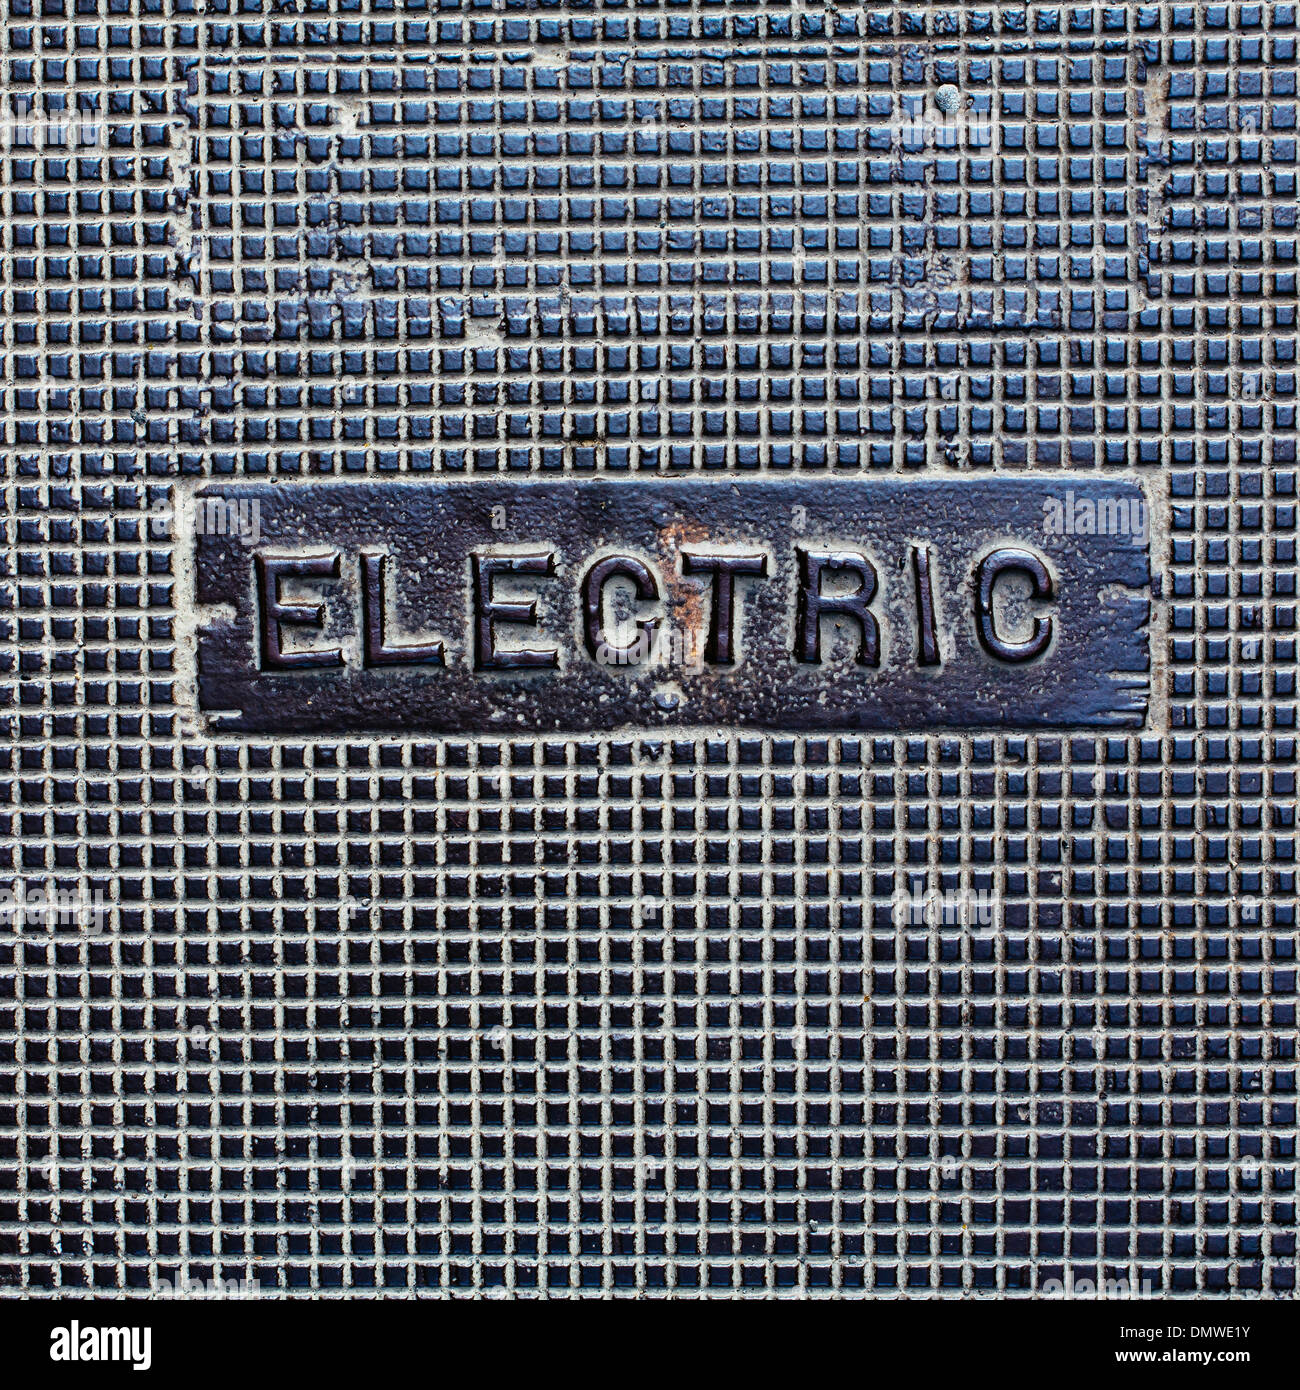 Un coperchio di utilità realizzati in metallo con word elettrico. Immagini Stock